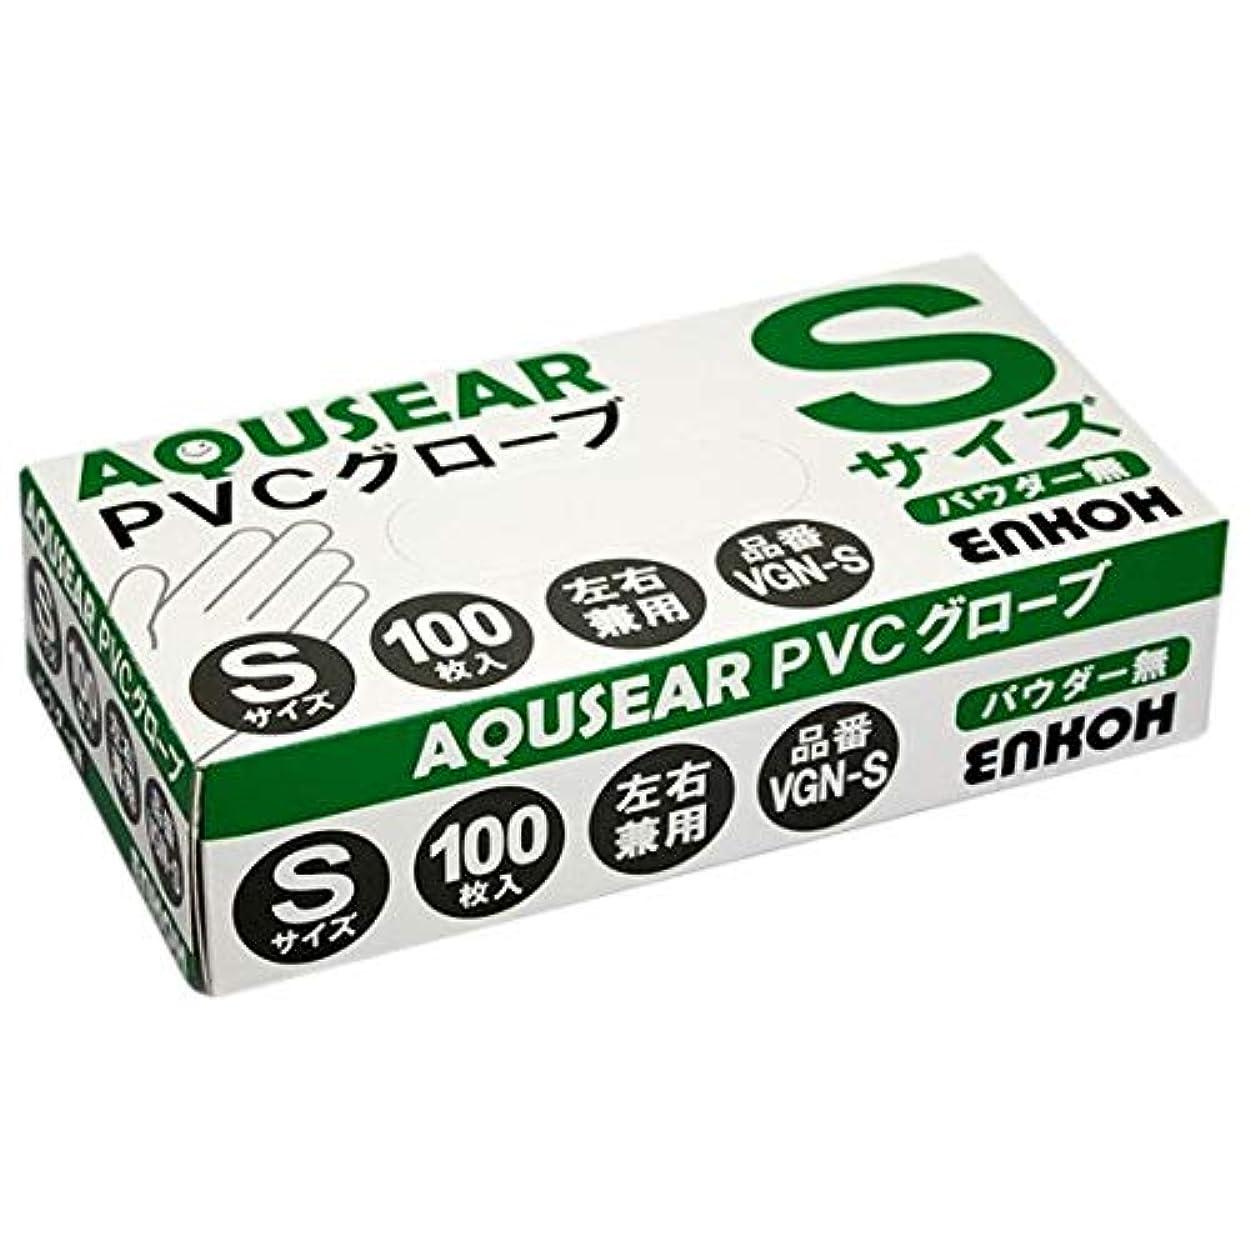 暗殺者の慈悲でディスパッチAQUSEAR PVC プラスチックグローブ Sサイズ パウダー無 VGN-S 100枚×20箱